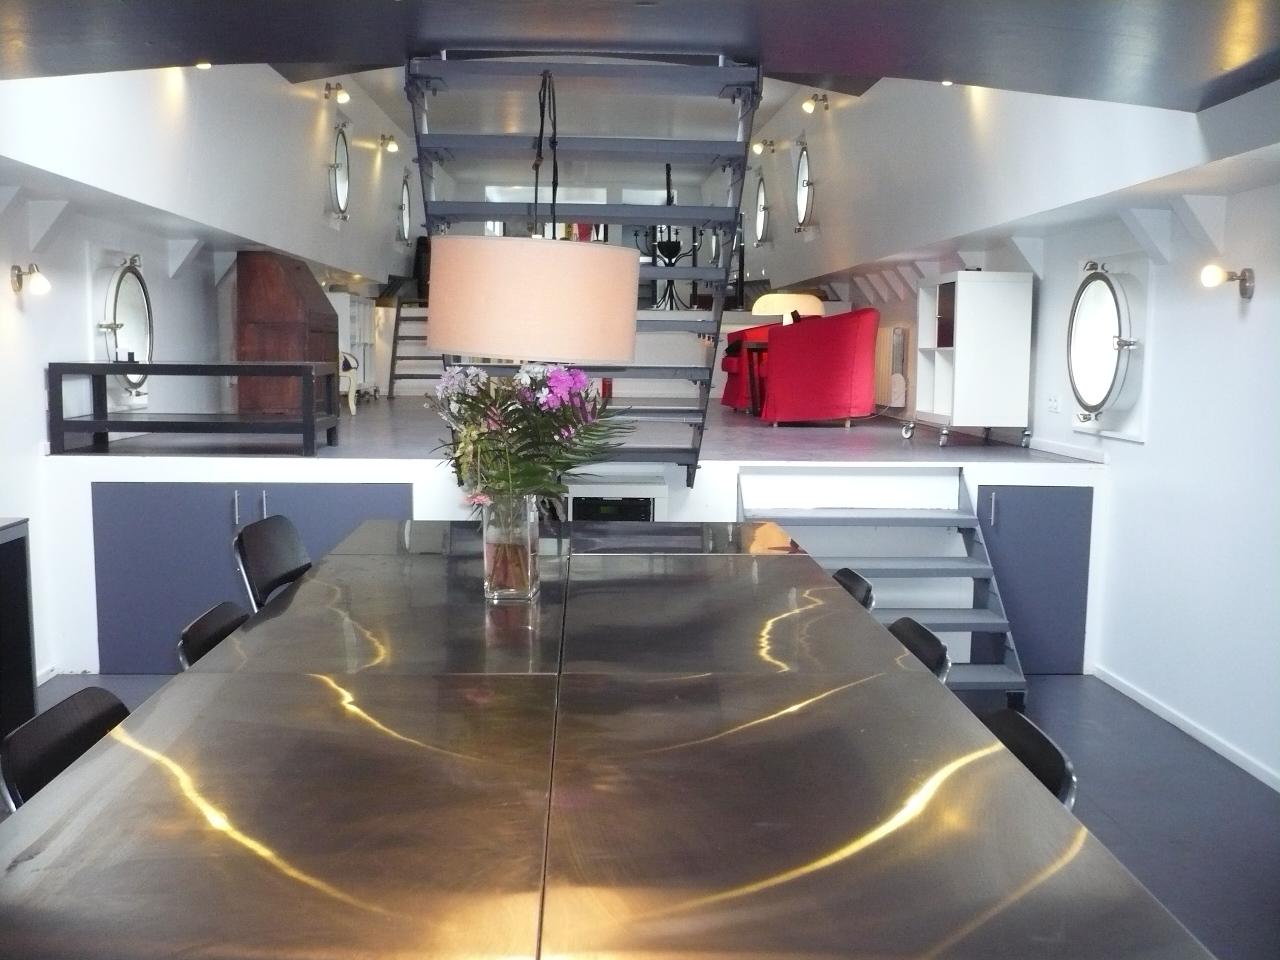 magnifique freycinet am nag e sur 2 niveaux 92 seine plus sp cialiste du bateau logement. Black Bedroom Furniture Sets. Home Design Ideas